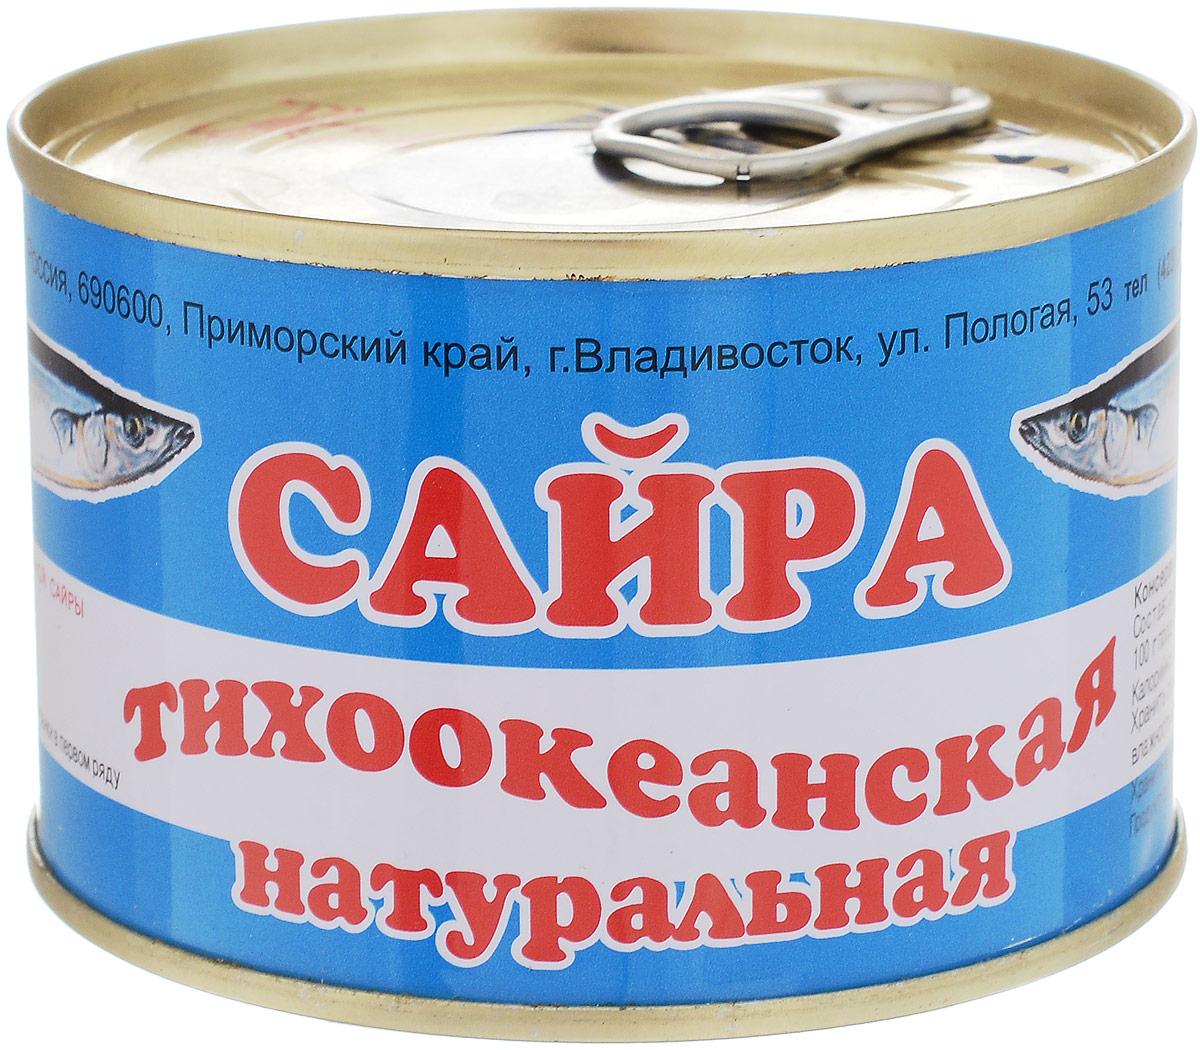 Дальморепродукт сайра натуральная с добавлением масла, 245 г2713Рыбные консервы Дальморепродукт из тихоокеанской сайры с добавлением масла. Натуральный и вкусный продукт, изготовленный в море из свежевыловленной рыбы.Уважаемые клиенты! Обращаем ваше внимание на то, что упаковка может иметь несколько видов дизайна. Поставка осуществляется в зависимости от наличия на складе.